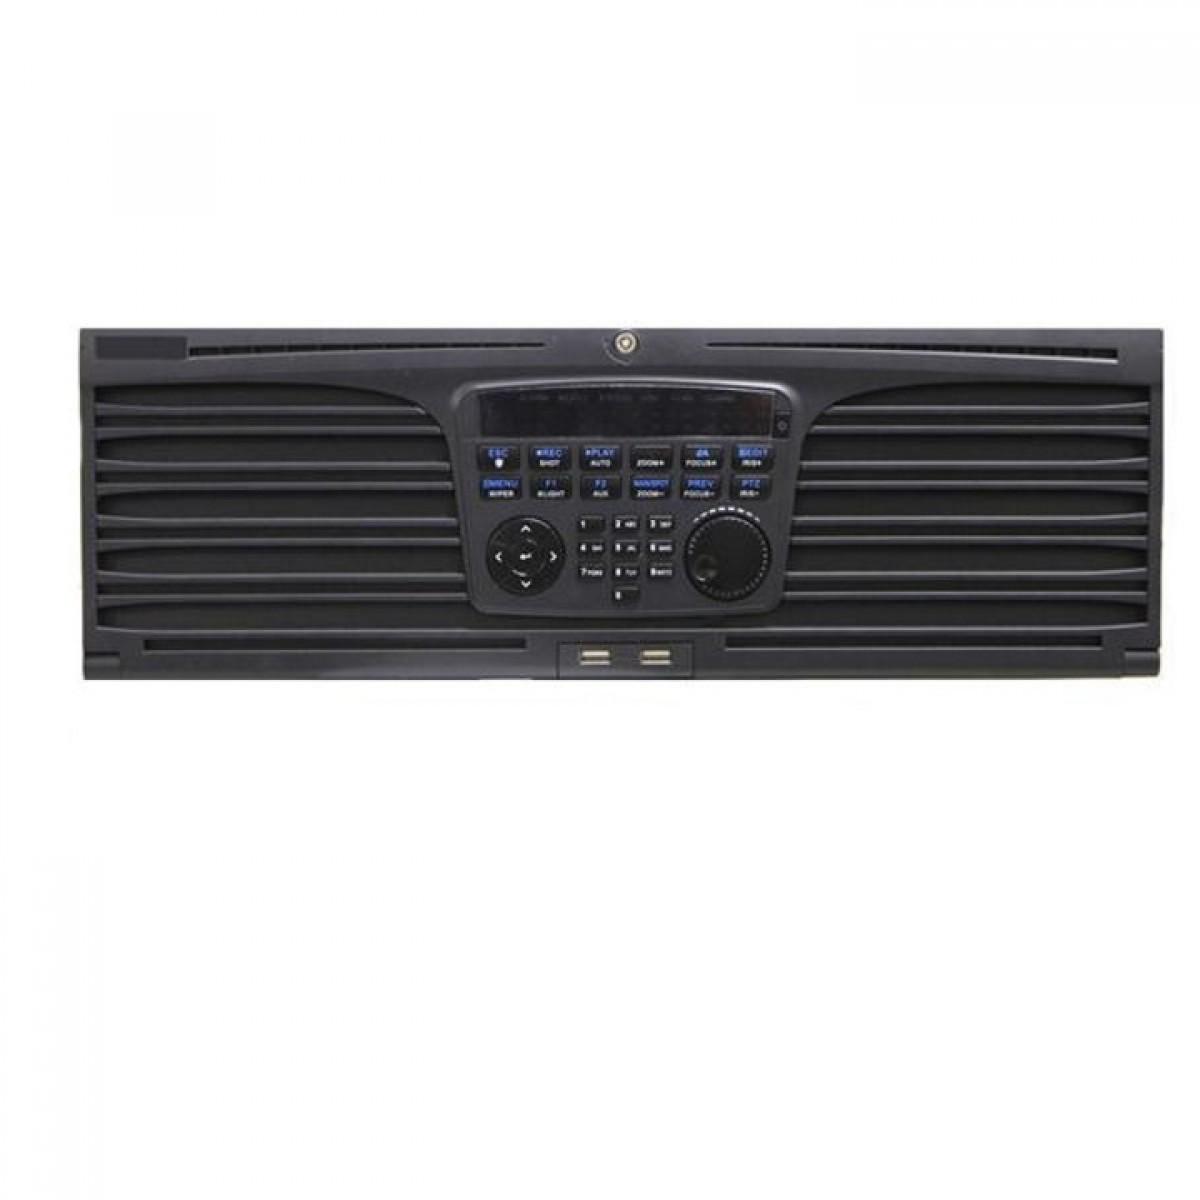 Đầu ghi hình IP camera 64 kênh - hỗ trợ 16 ổ cứng SATA Hikvision DS-9664NI-I16